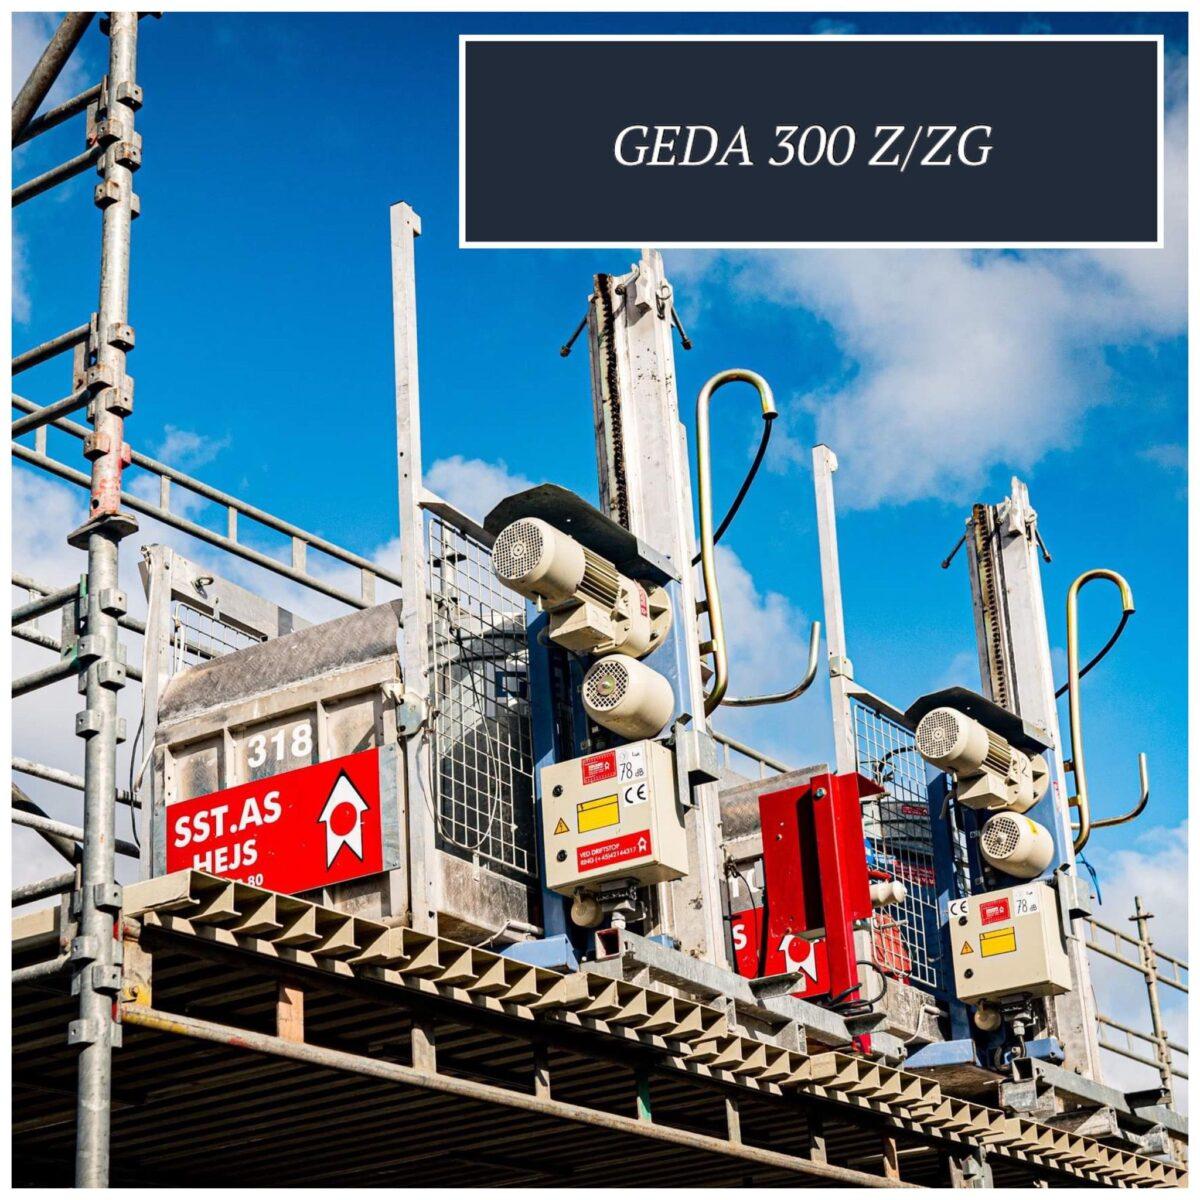 GEDA 300Z/ZG Materialehejs til transport af materialer. Velegnet som skakthejs til montering i elevatorskakt